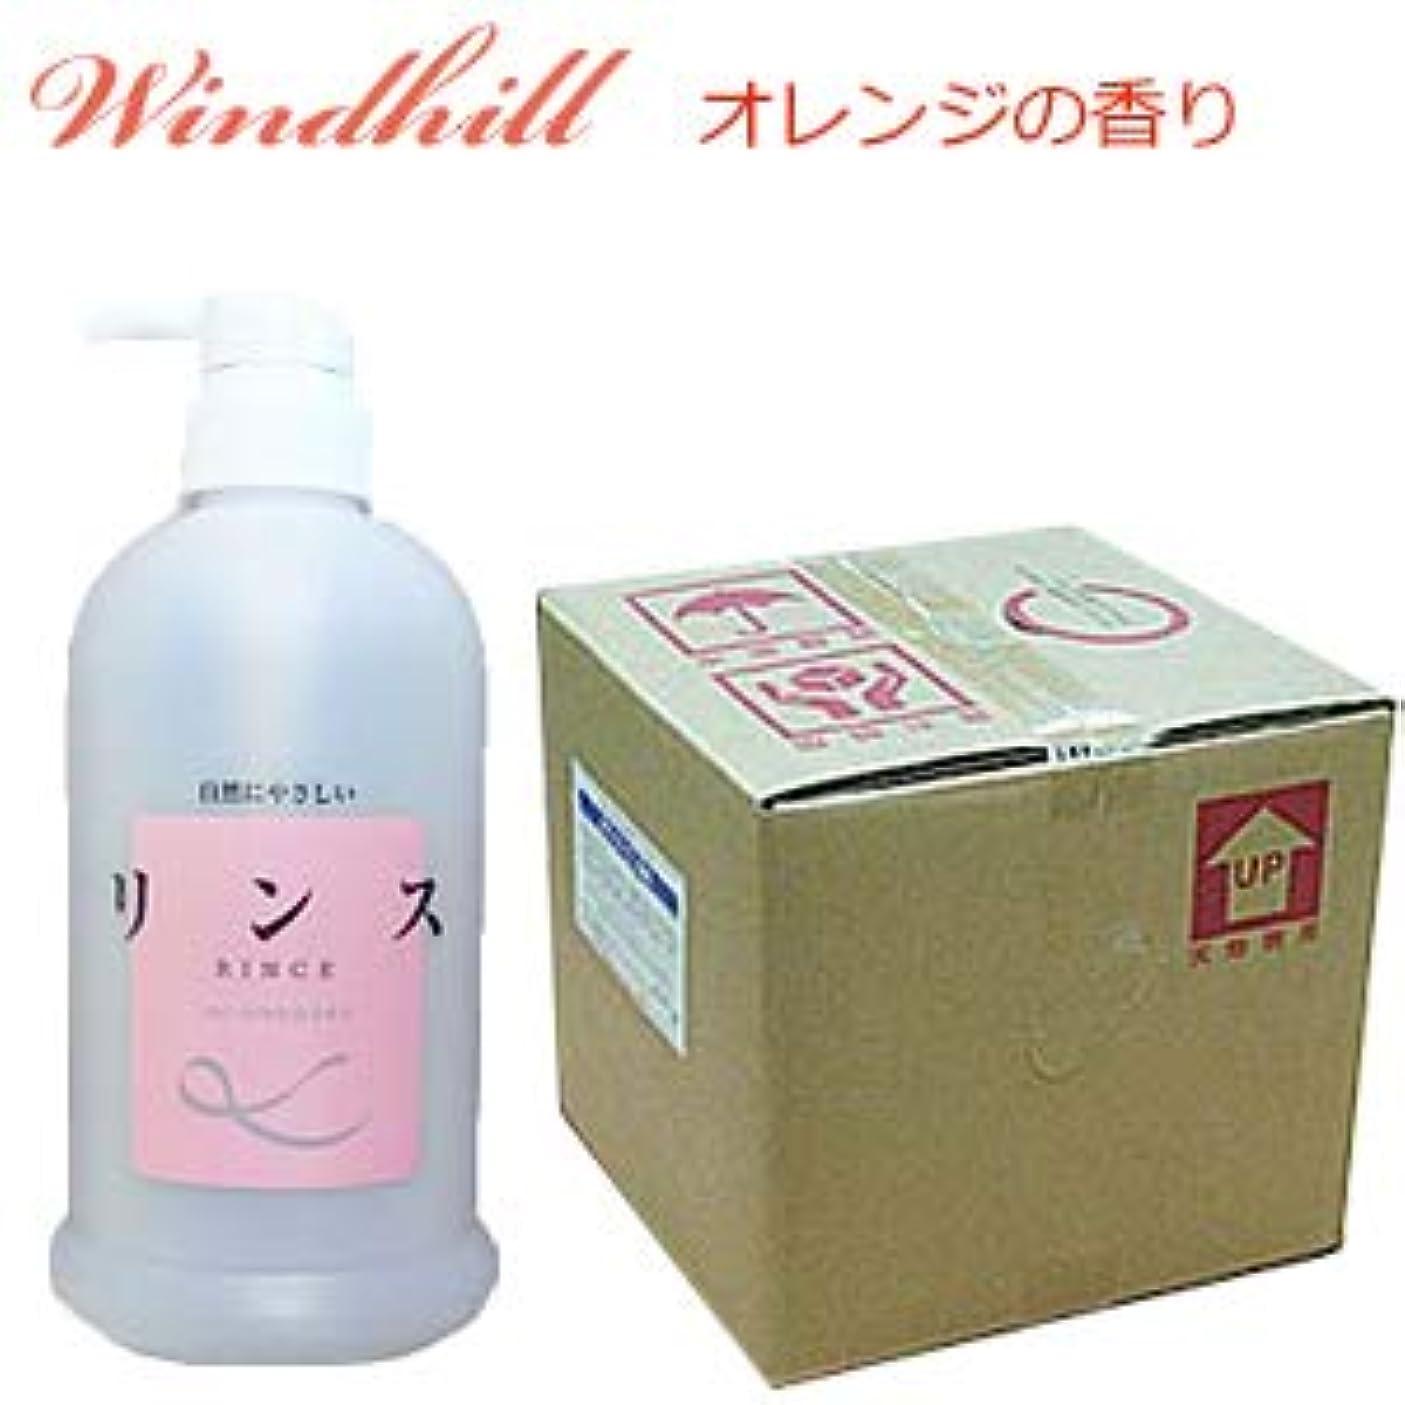 キリスト教怒りバウンスWindhill 植物性 業務用リンスオレンジの香り 20L(1セット20L入)